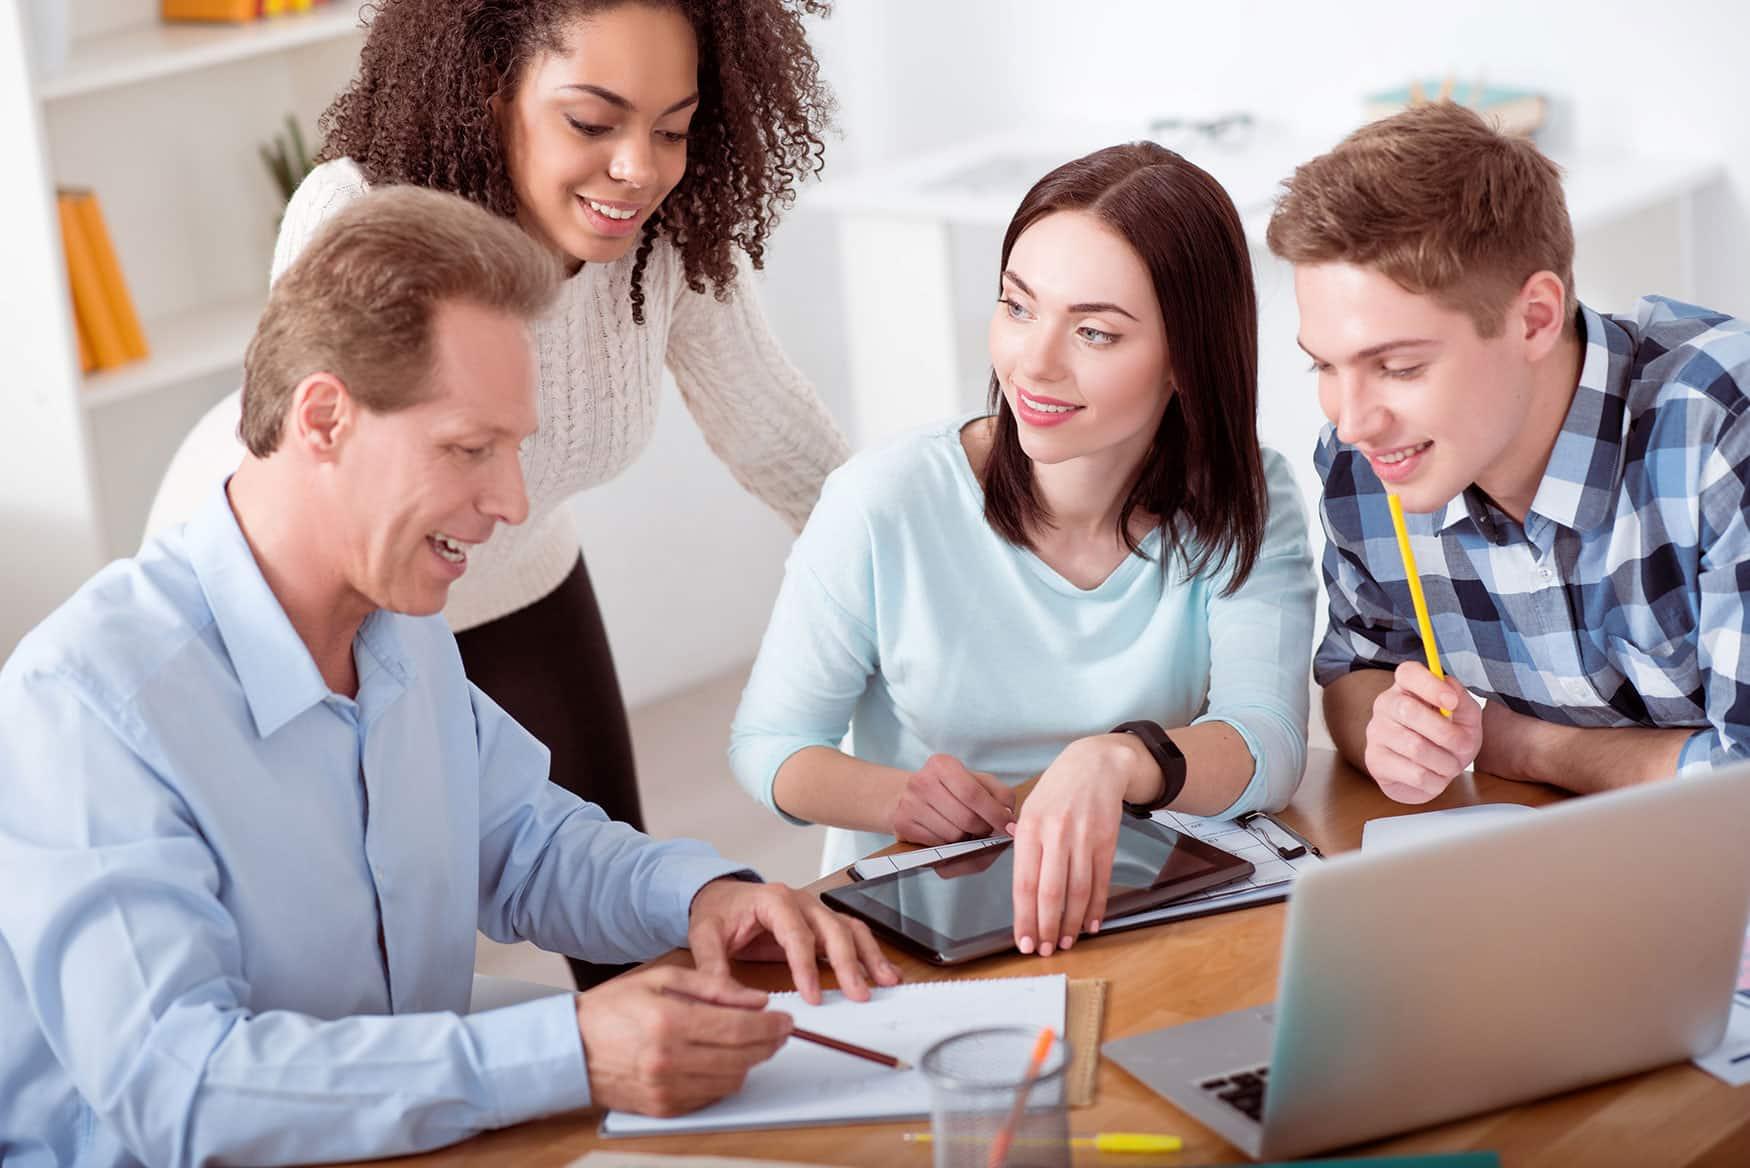 آموزشگاه زبان فرانسه در پونک